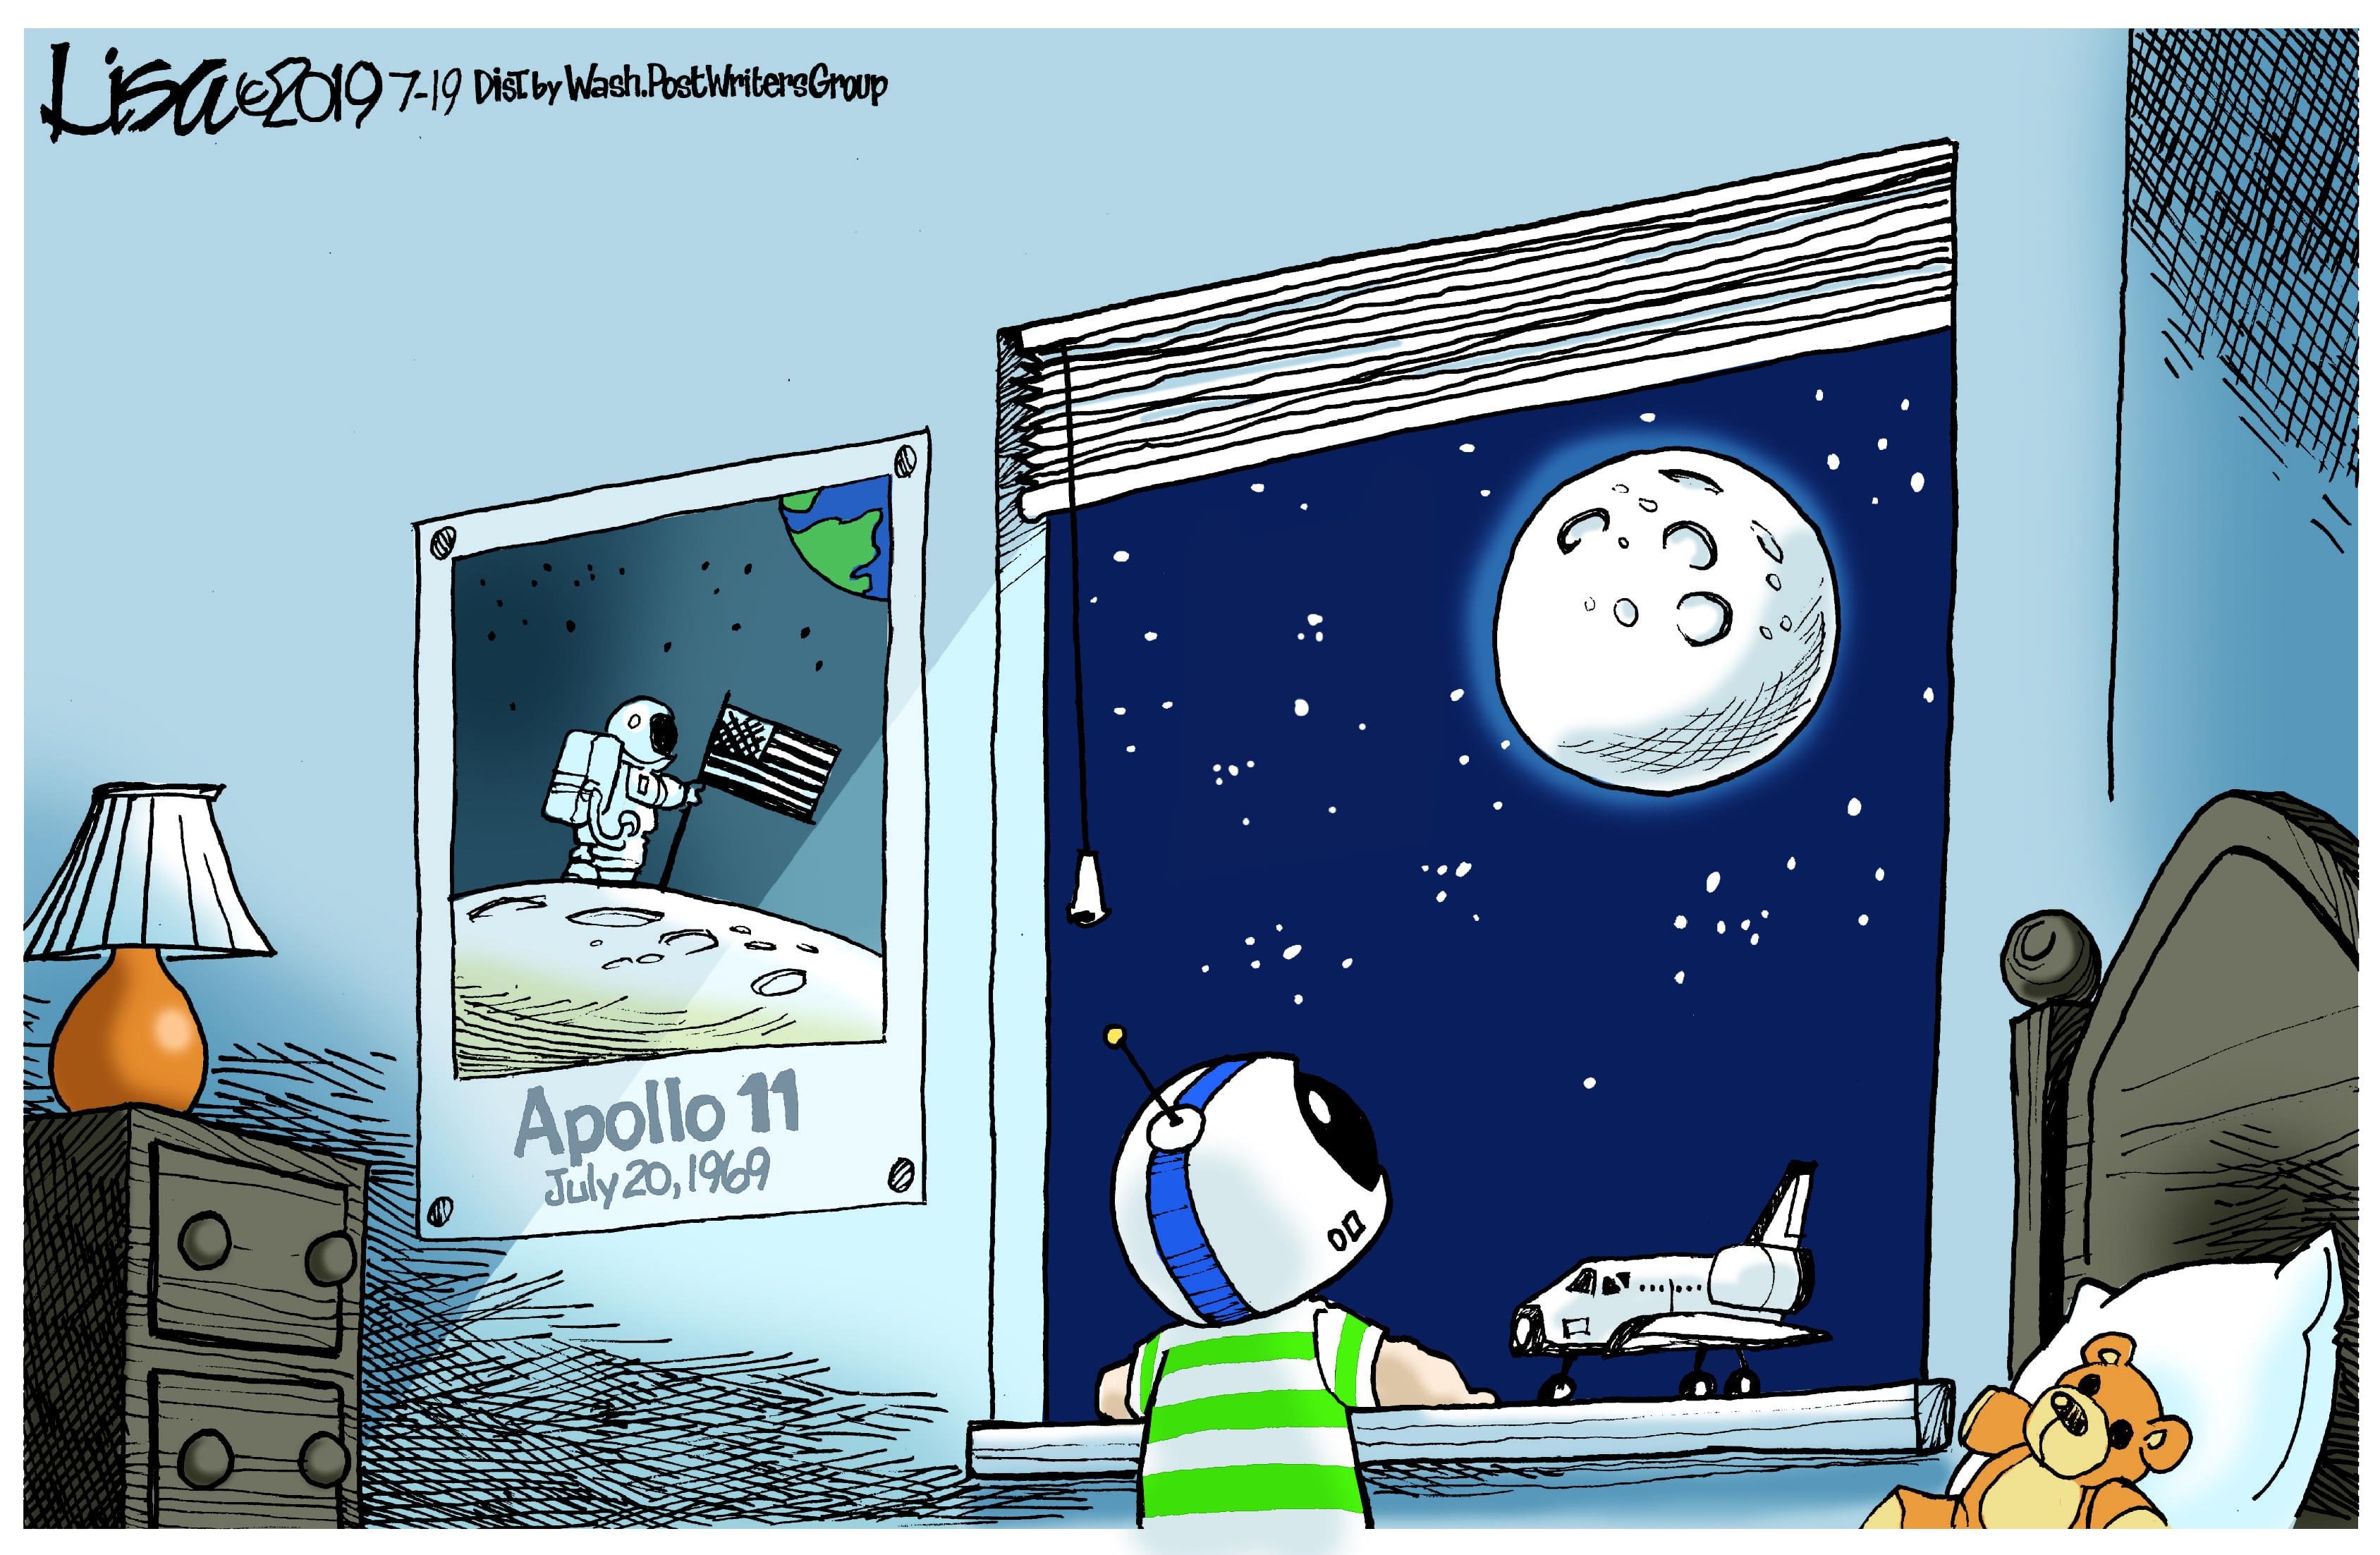 July 20: Apollo 11